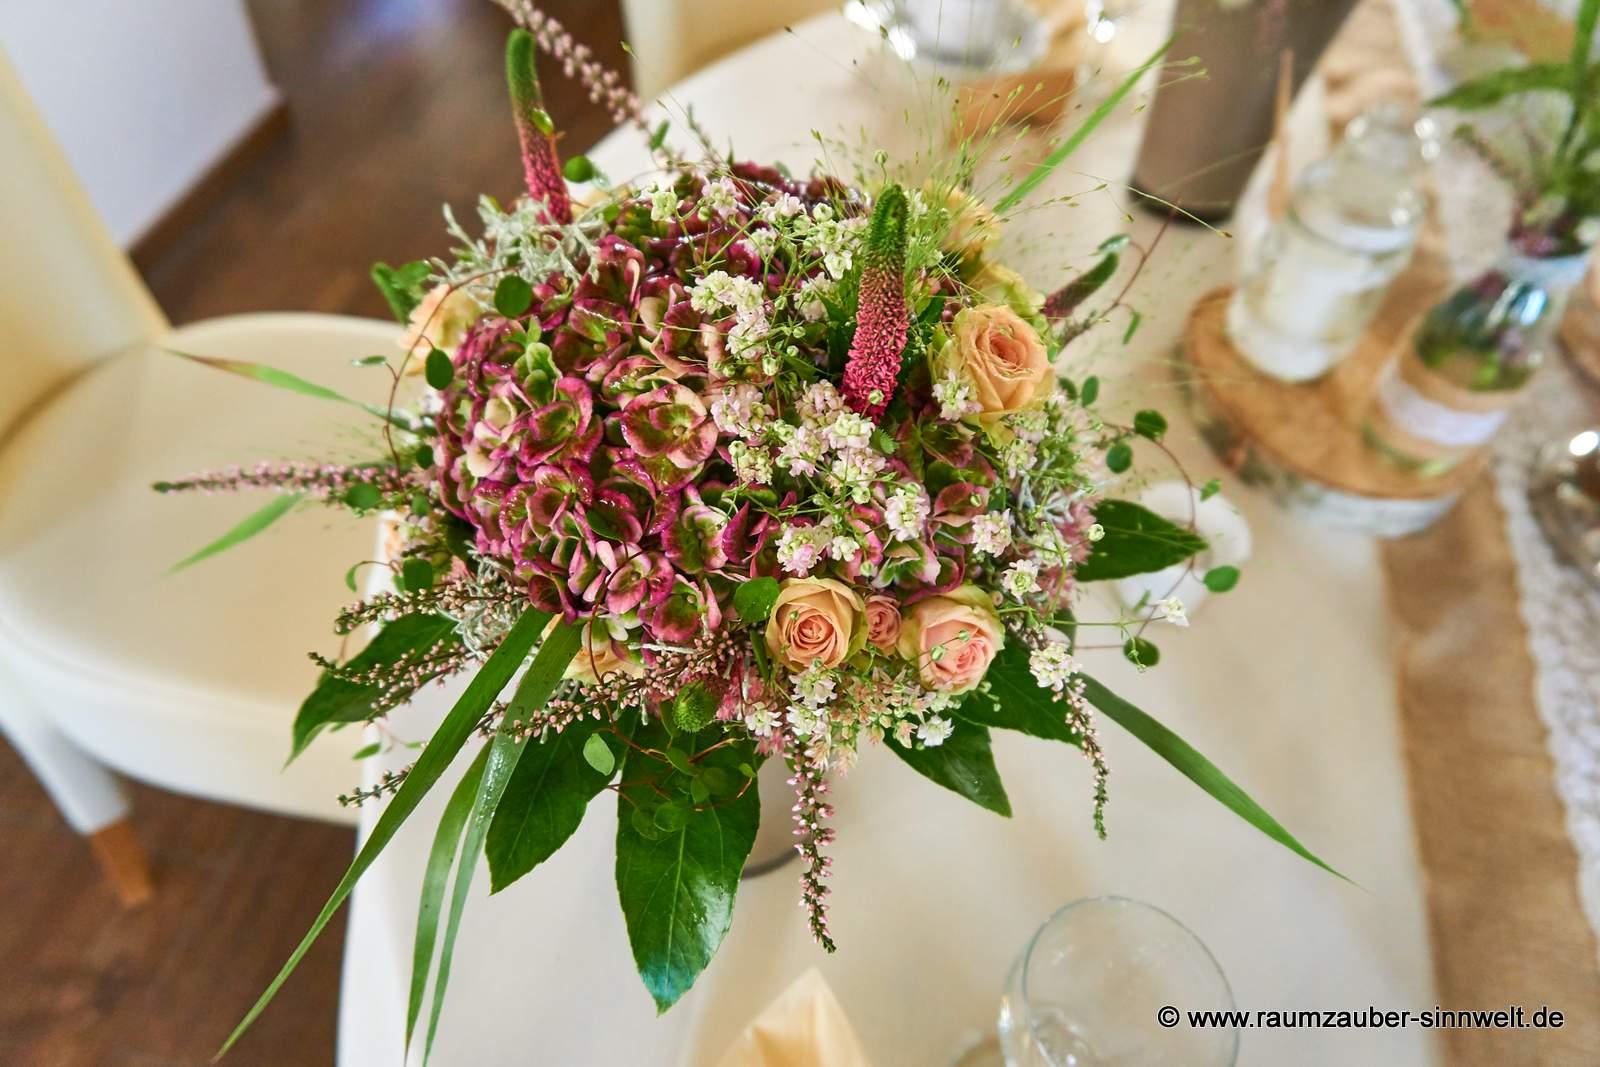 naturbelassener Brautstrauß aus Rosen, Hortensie, Sedum, Veronika, Heide und Schleierkraut